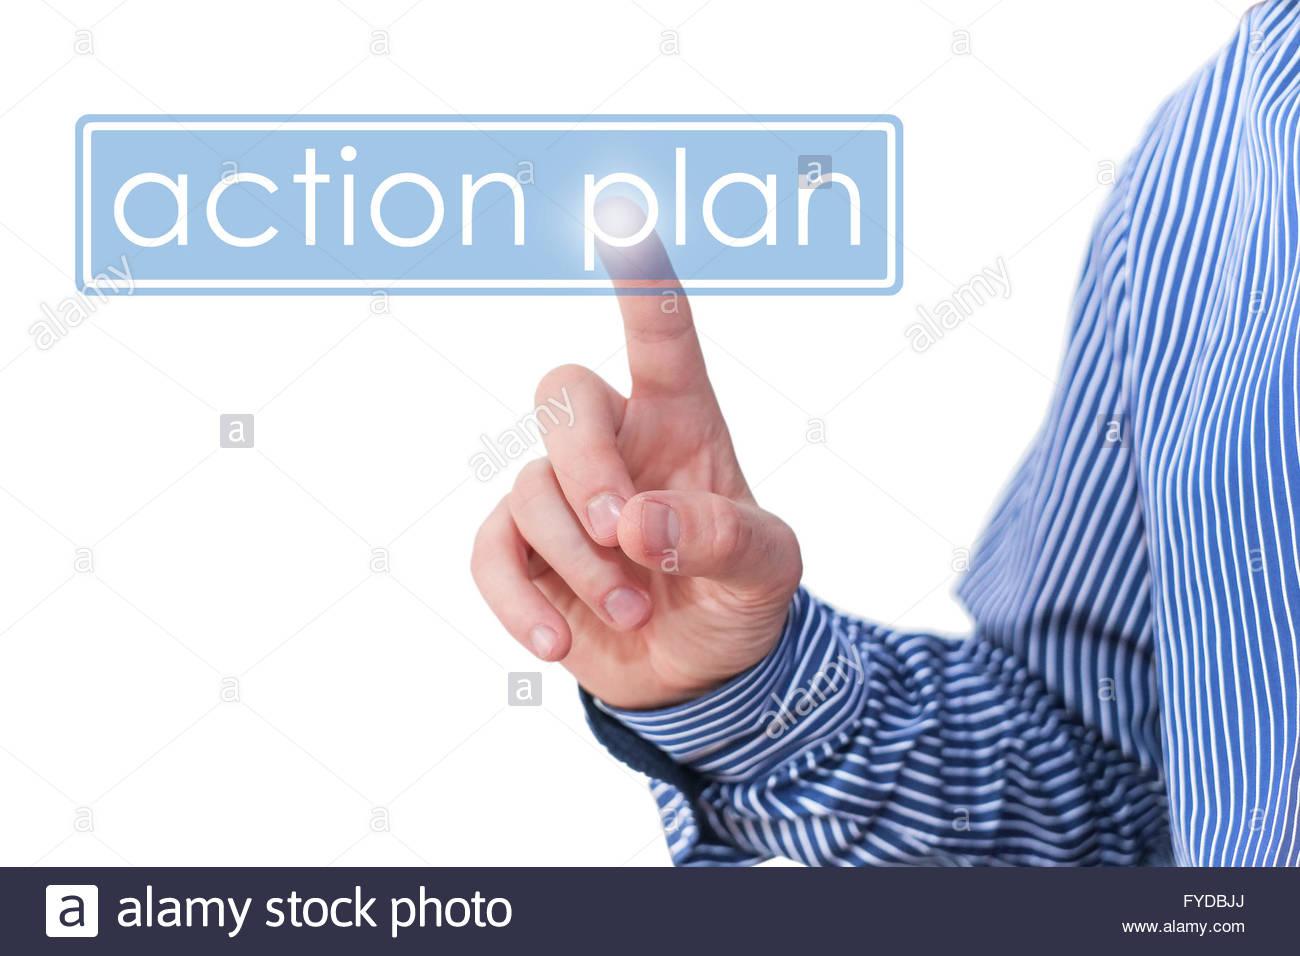 Plan de acción - Concepto de negocio Imagen De Stock